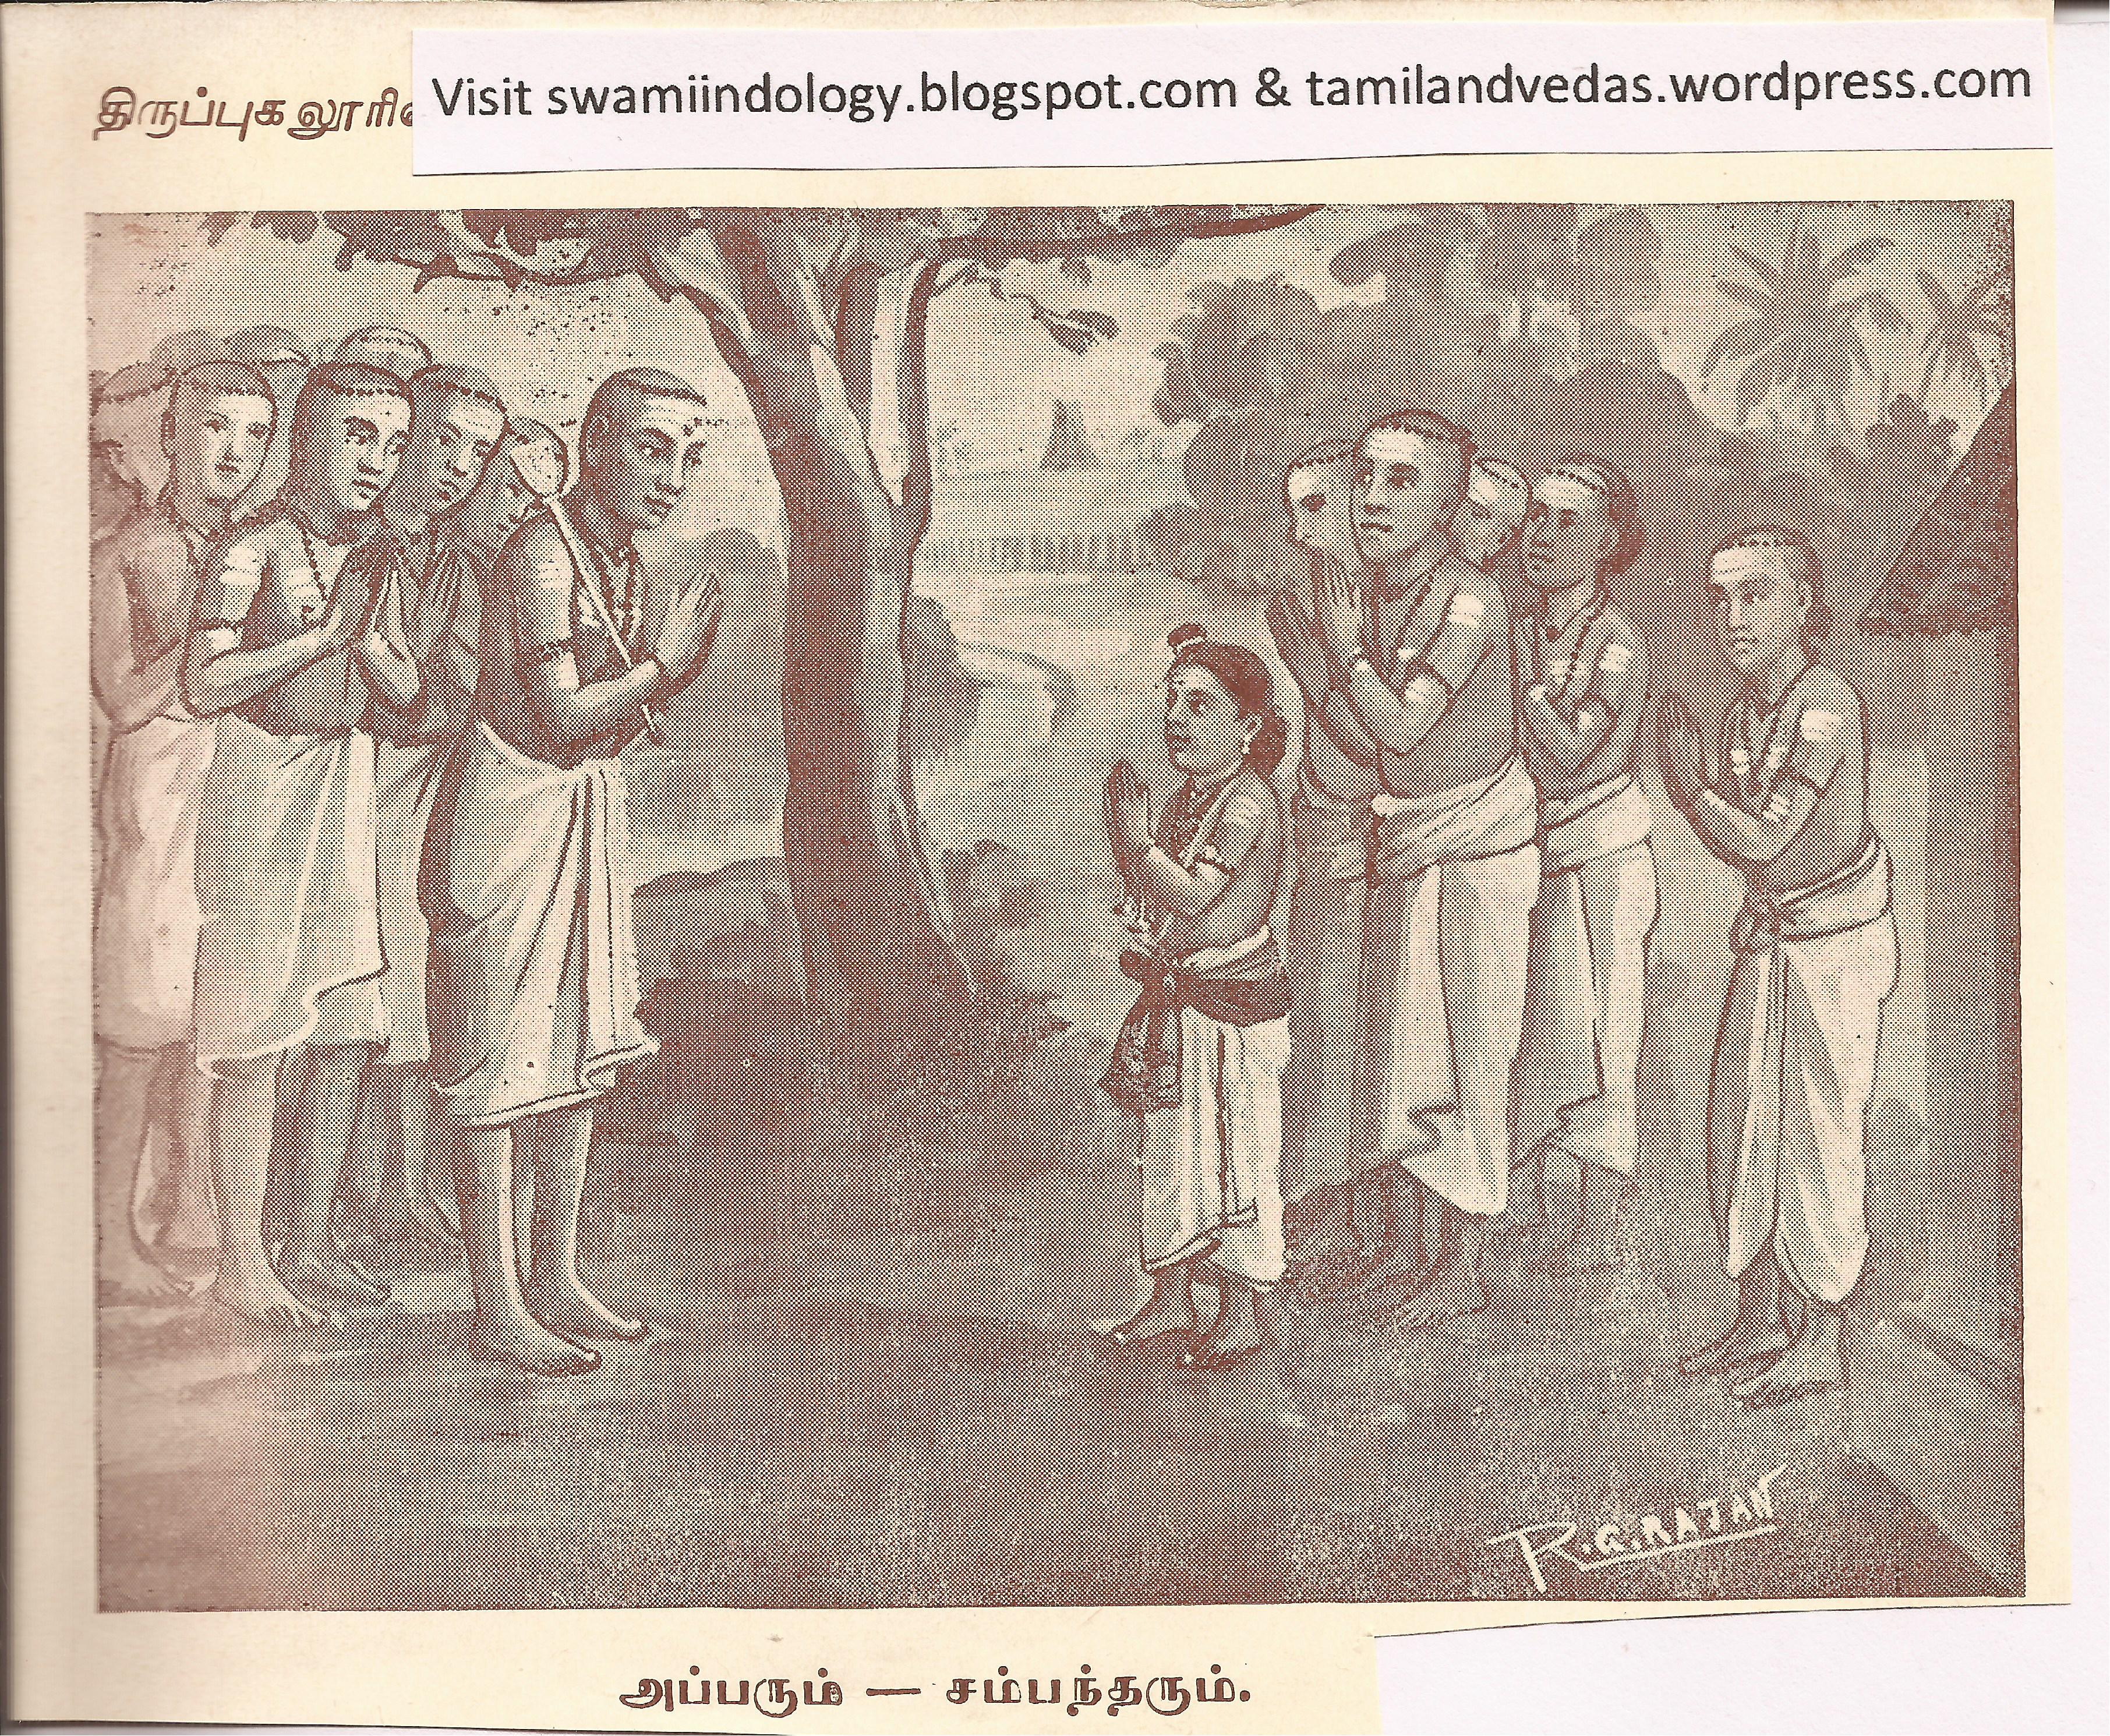 apparsambandar